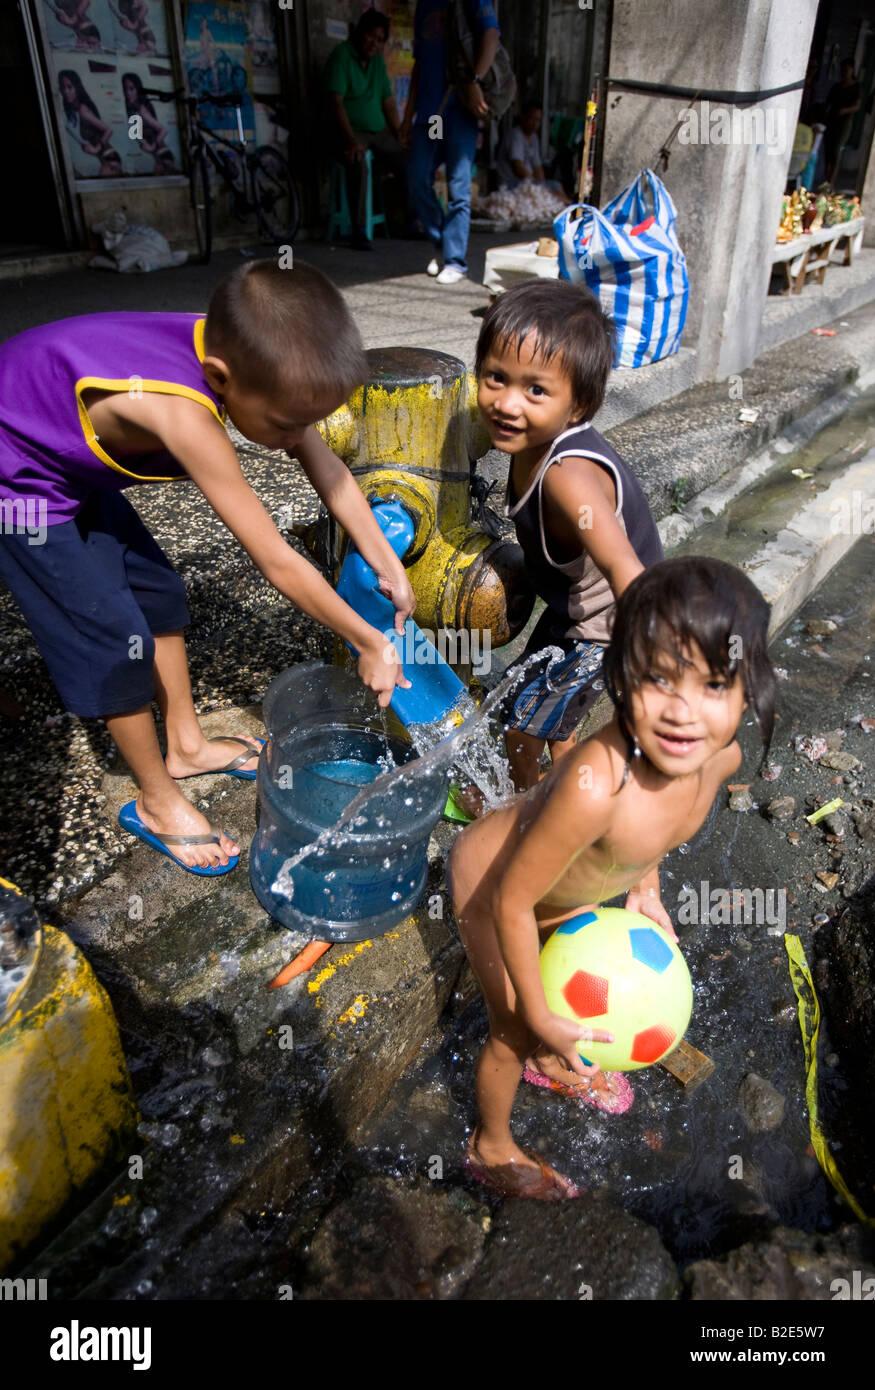 Los niños filipinos se bañan en la calle, cerca del distrito de la ciudad de China en Manila, Filipinas. Imagen De Stock